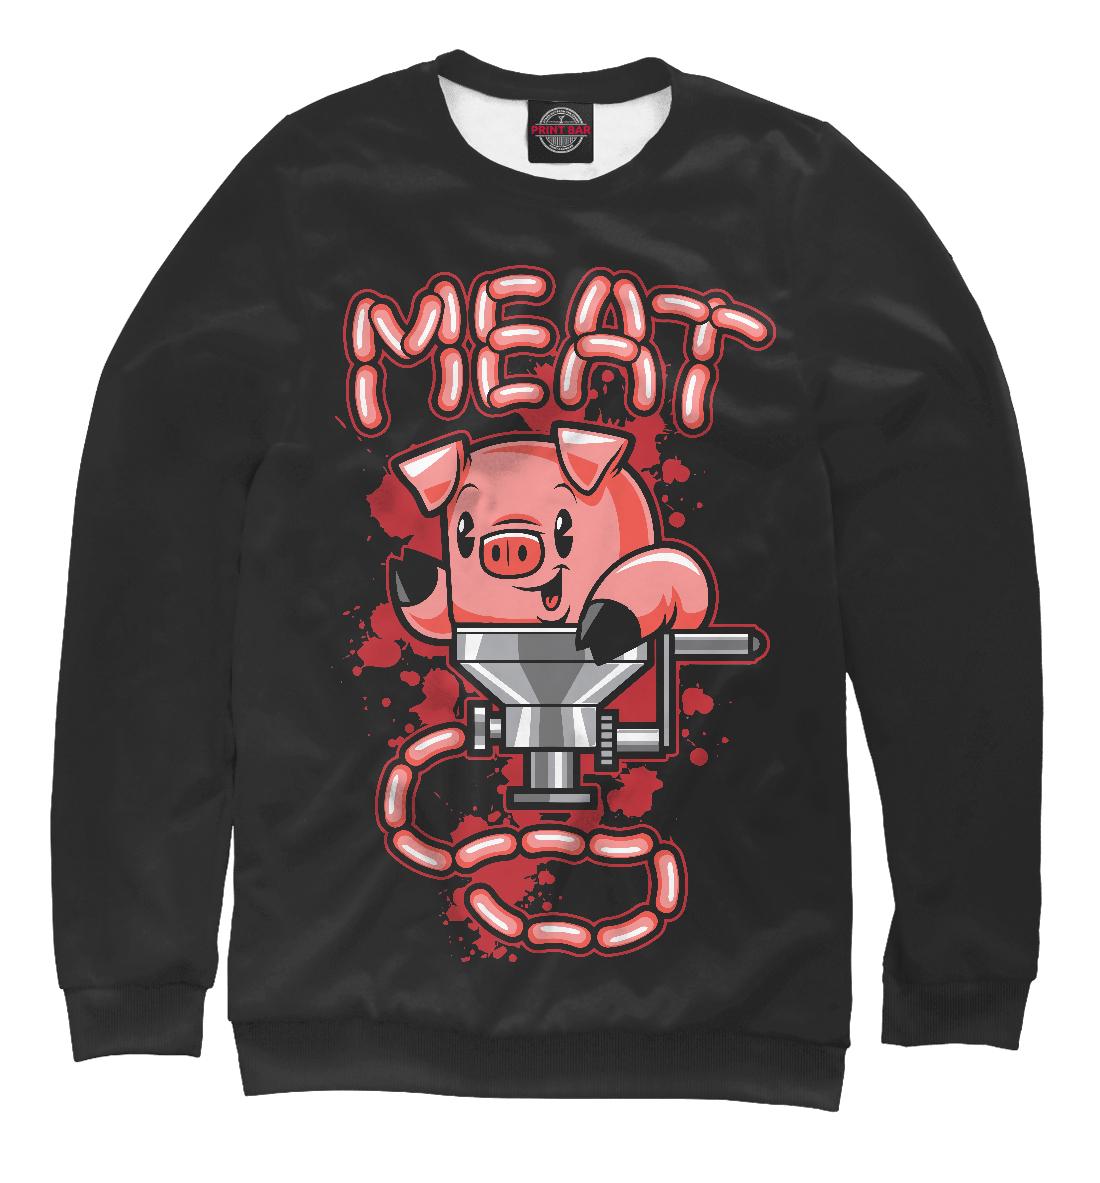 Фото - Мясо мясо